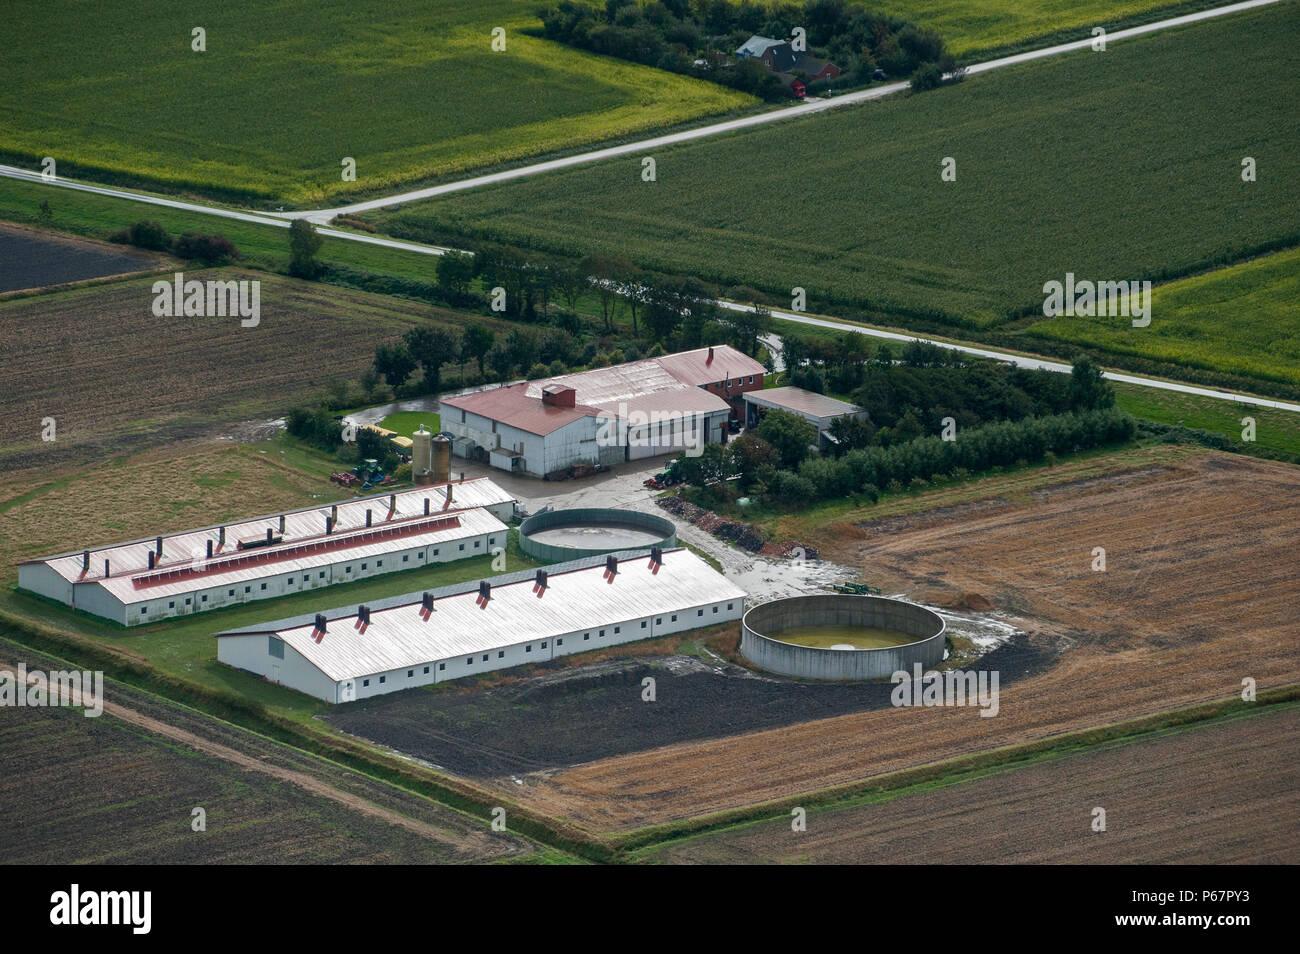 Deutschland Luftbild von Farm Homestead mit gülletank und stabil mit Solardach in Norddeutschland Stockbild